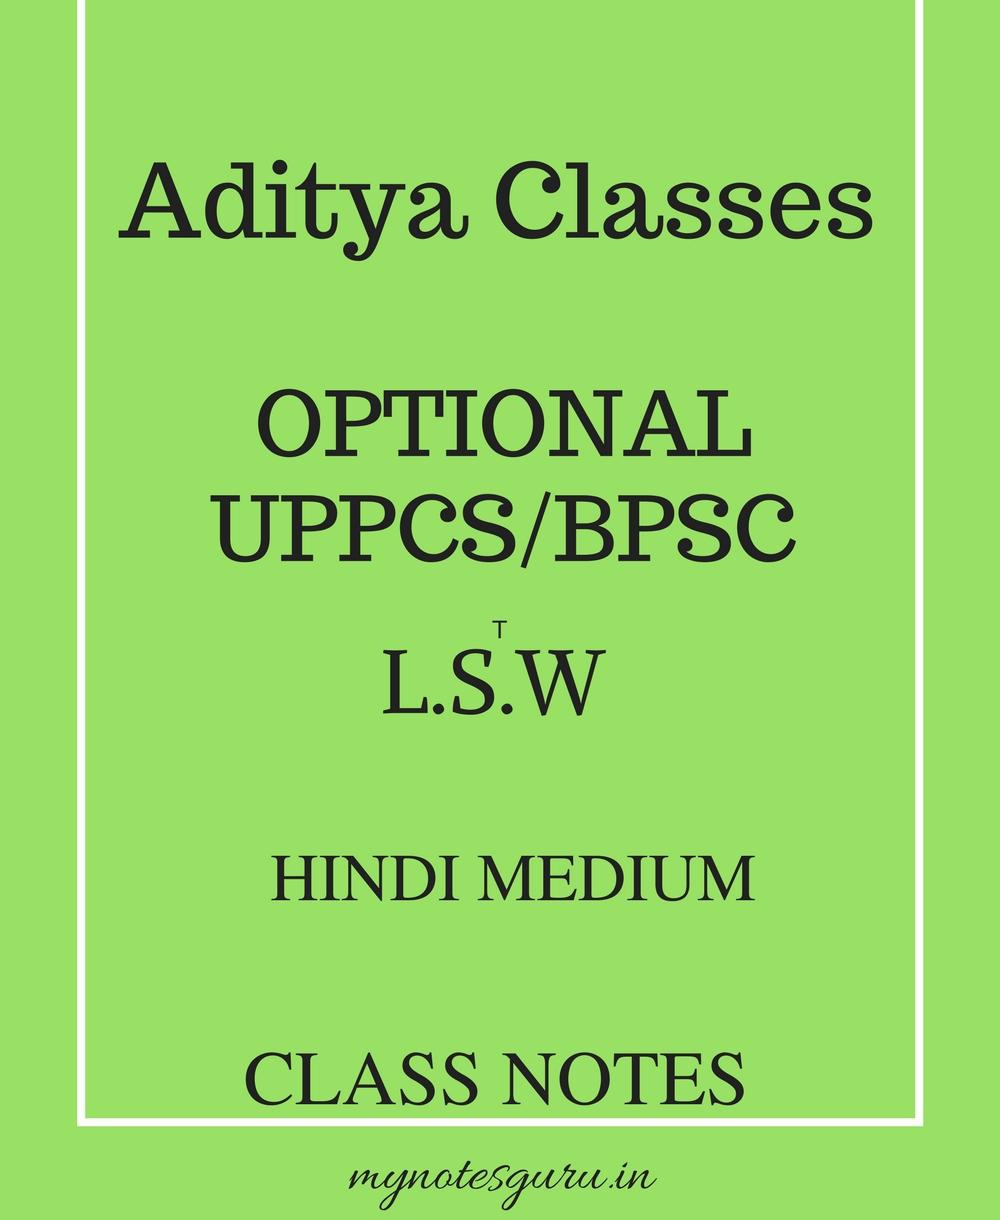 Aditya Classes - UPPCS/ BPSC Optional – L S W – Class Notes – Hindi Medium